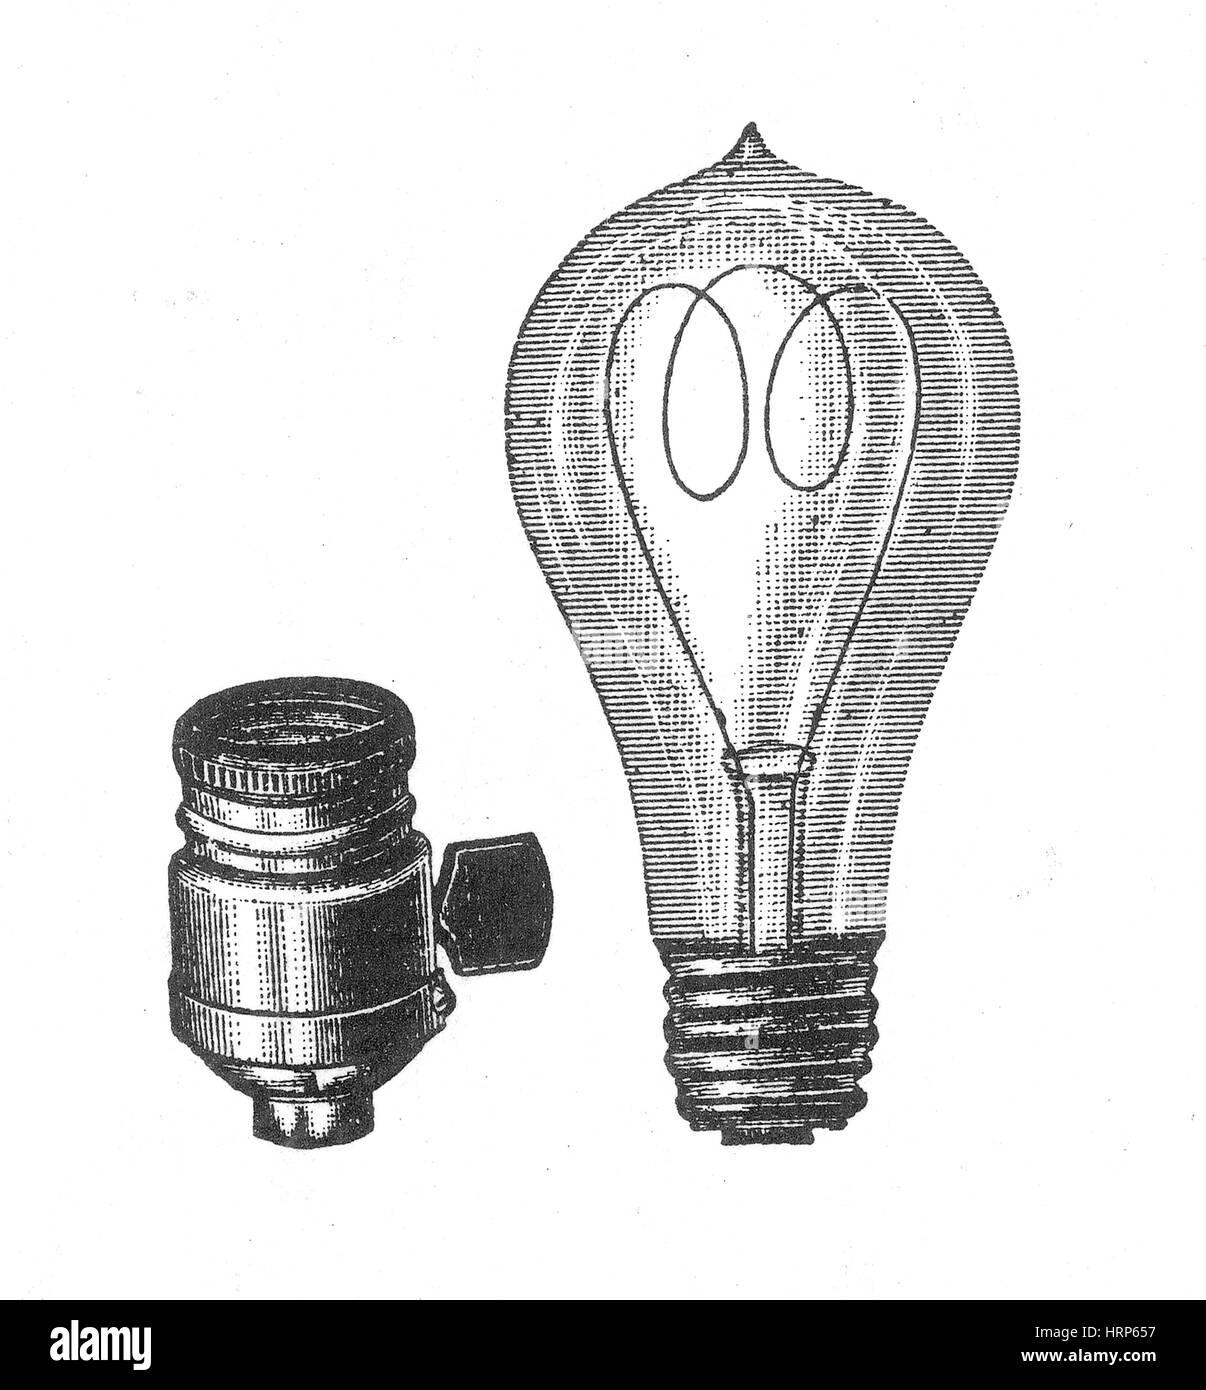 Lampadina A Incandescenza Storia thomas edison, lampada ad incandescenza, secolo xix foto